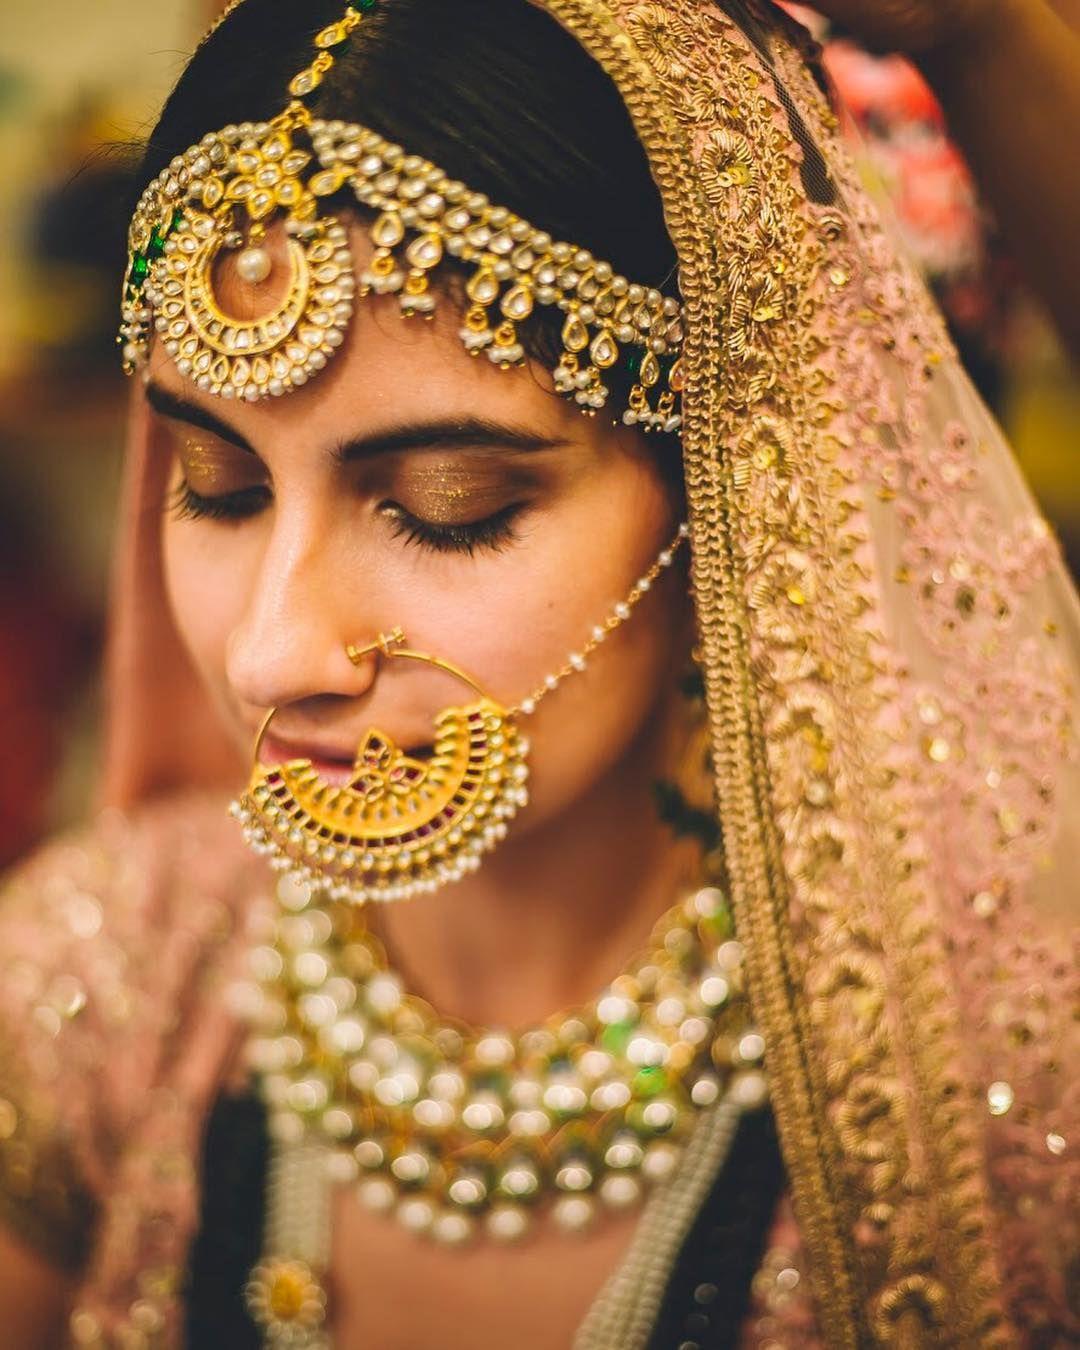 PunjabKesari, Dulhan Nose design in gold, दुल्हन नोज डिज़ाइन इन गोल्ड